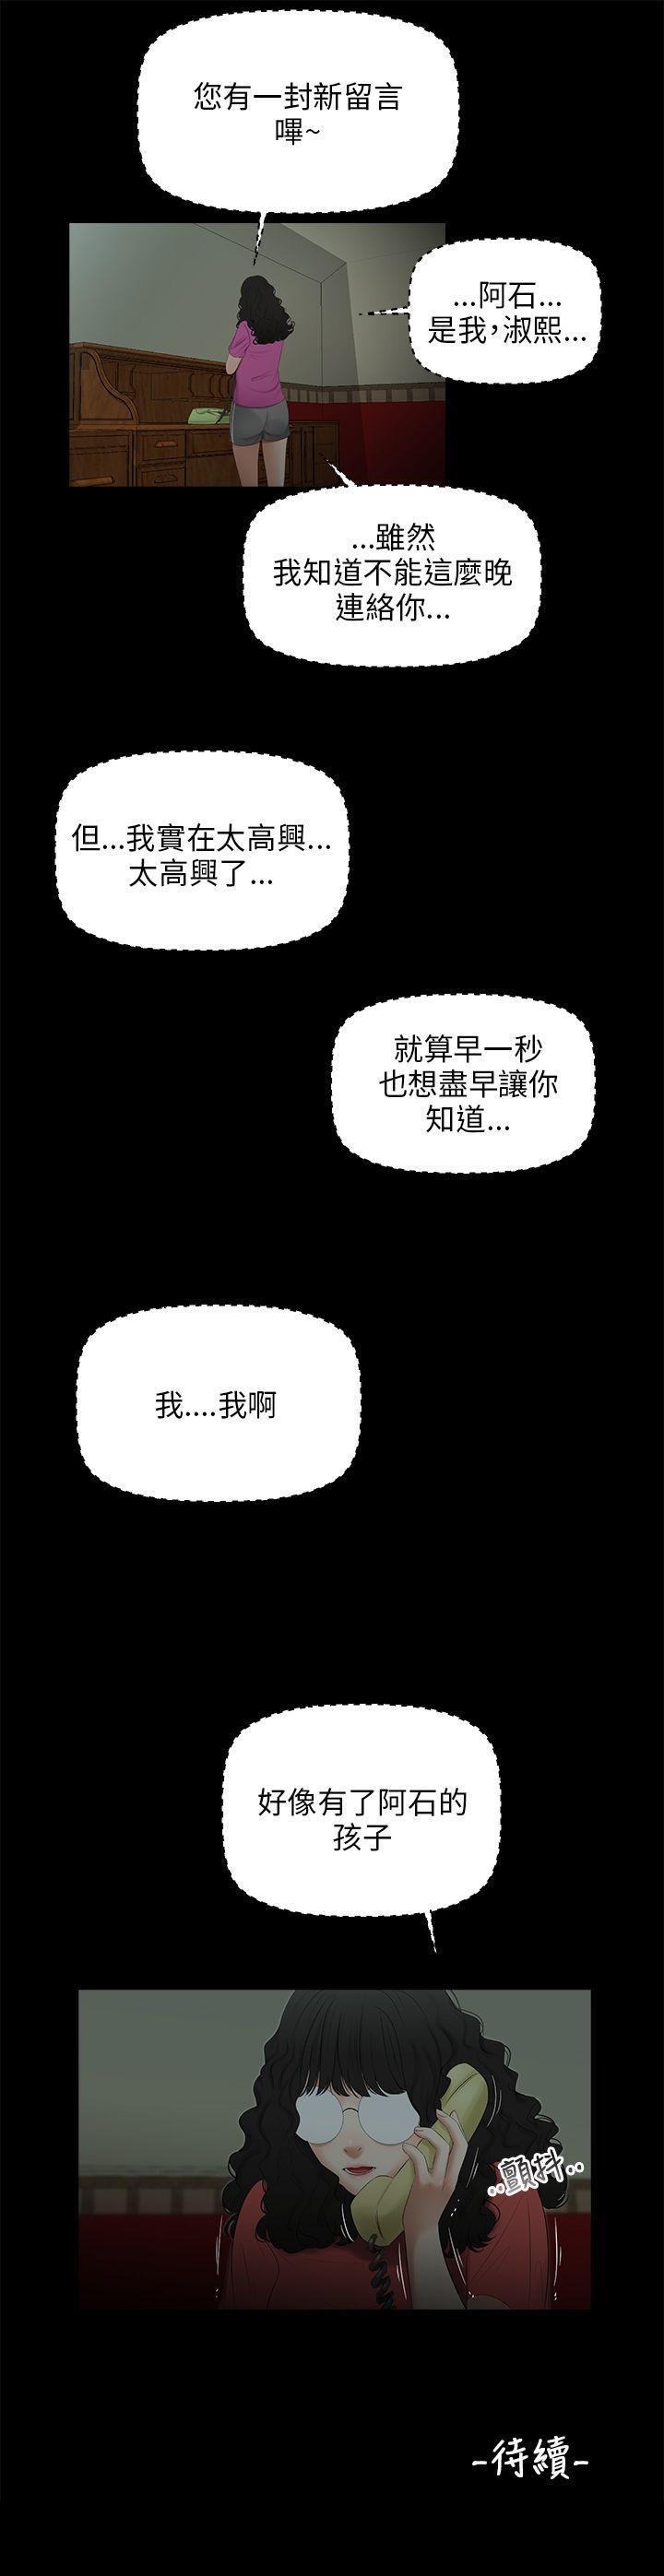 三姐妹 47-50 Chinese 29